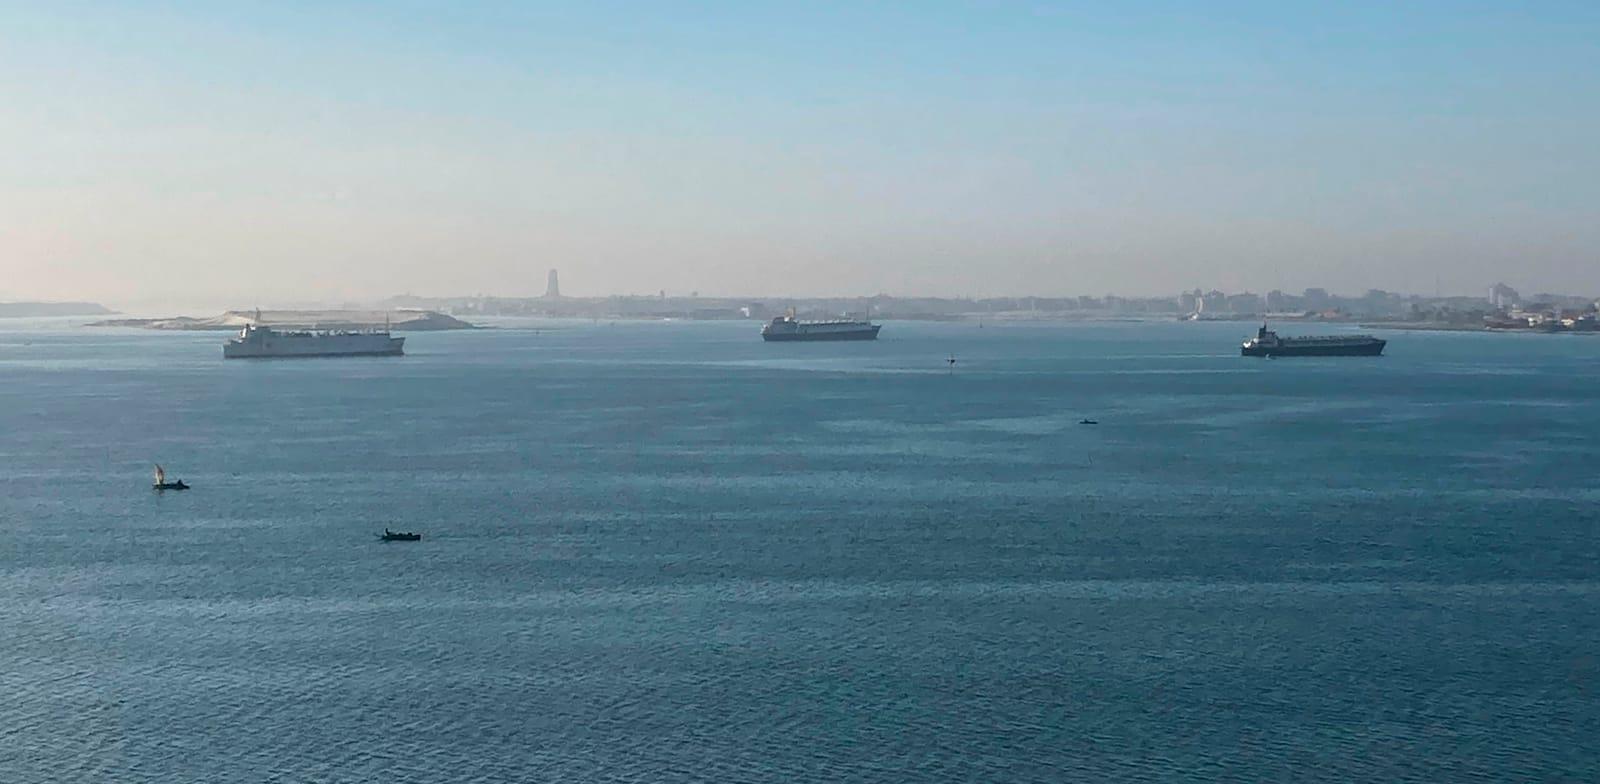 ספינות בתעלת סואץ / צילום: Associated Press, Sam Magdy